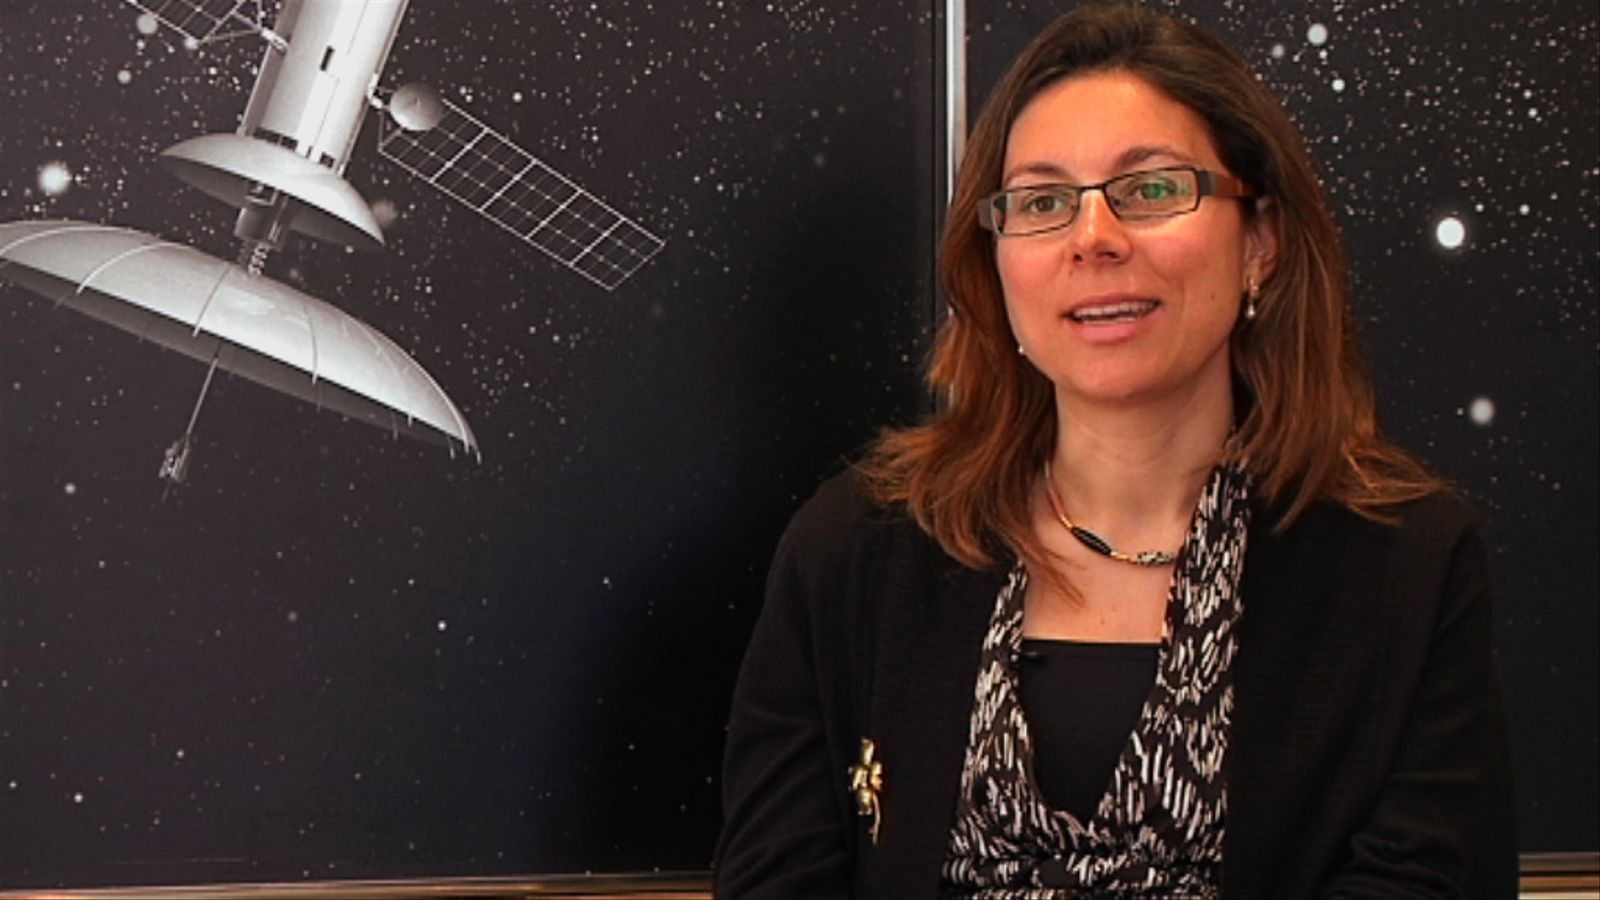 ARA Emprèn: 'Starlab' treballa en els àmbits de l'espai i la neurociència